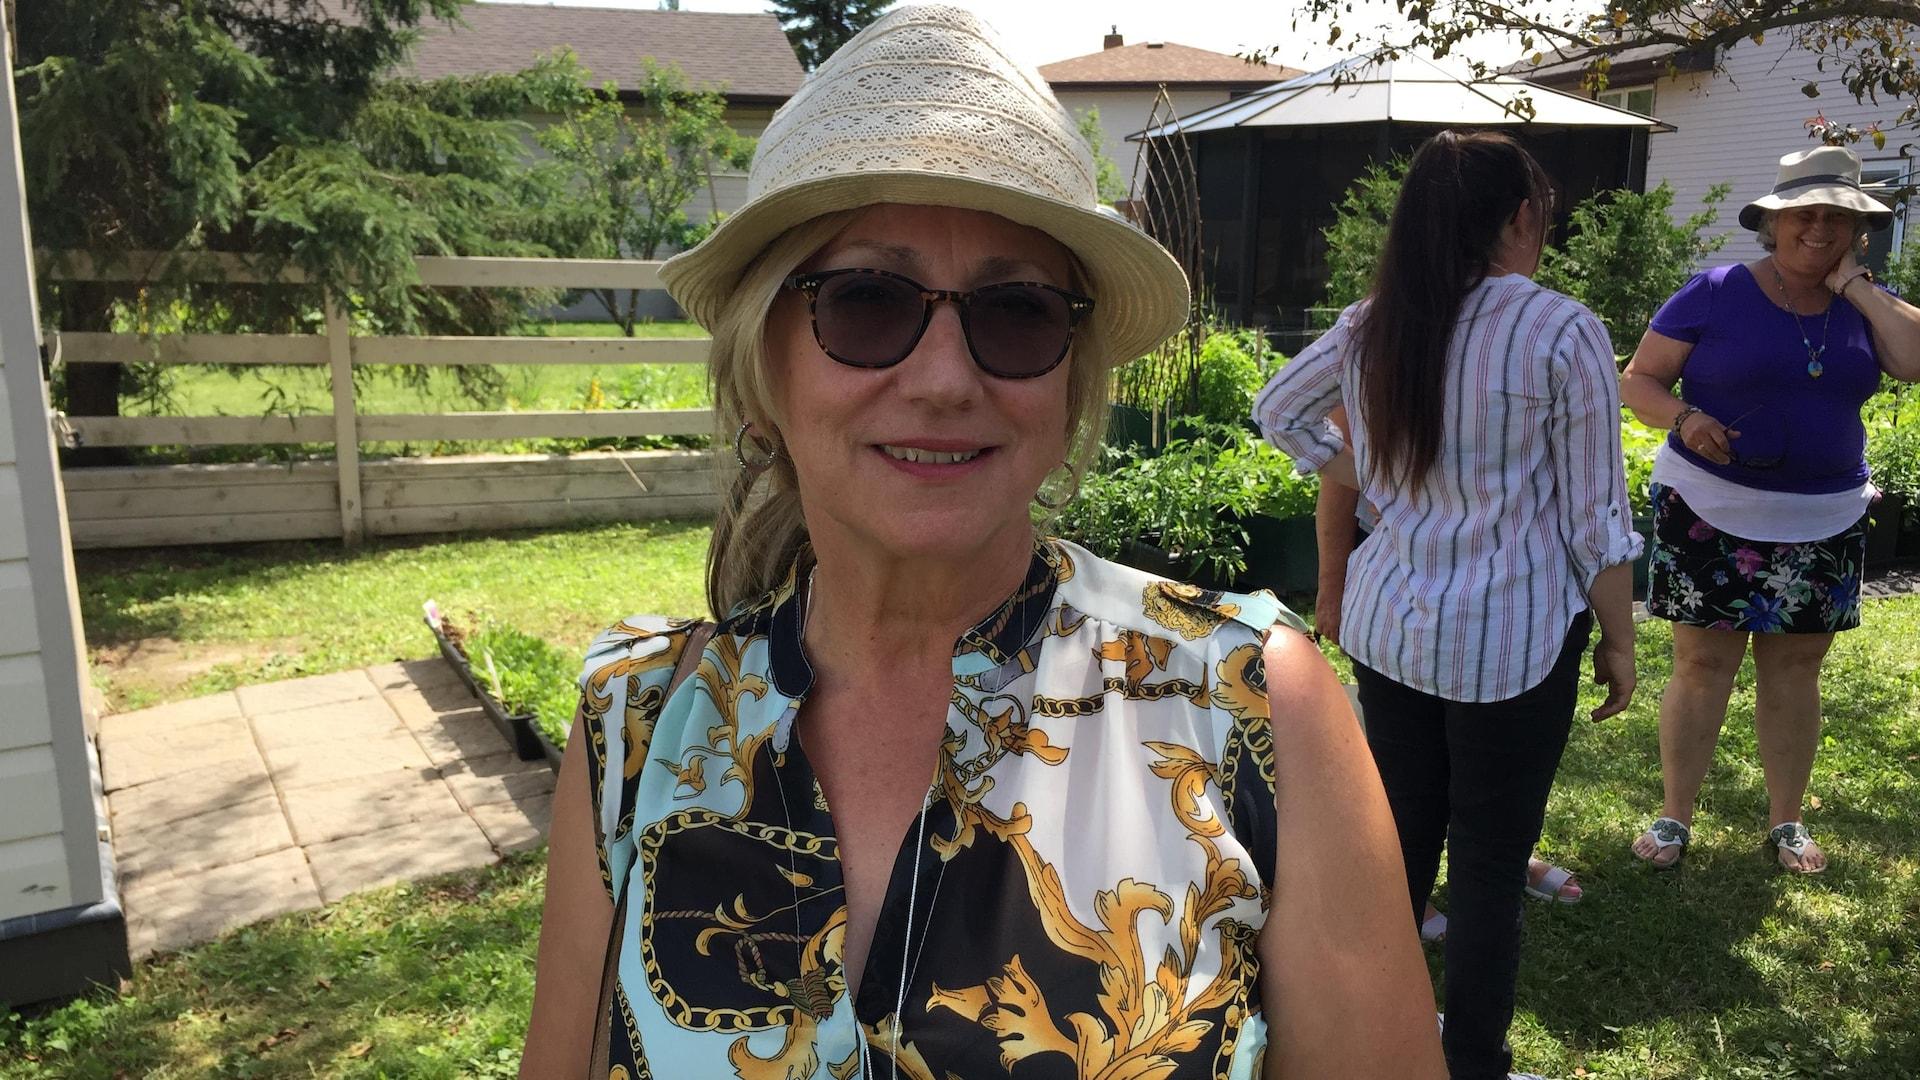 Une femme qui porte un chapeau et des lunettes de soleil